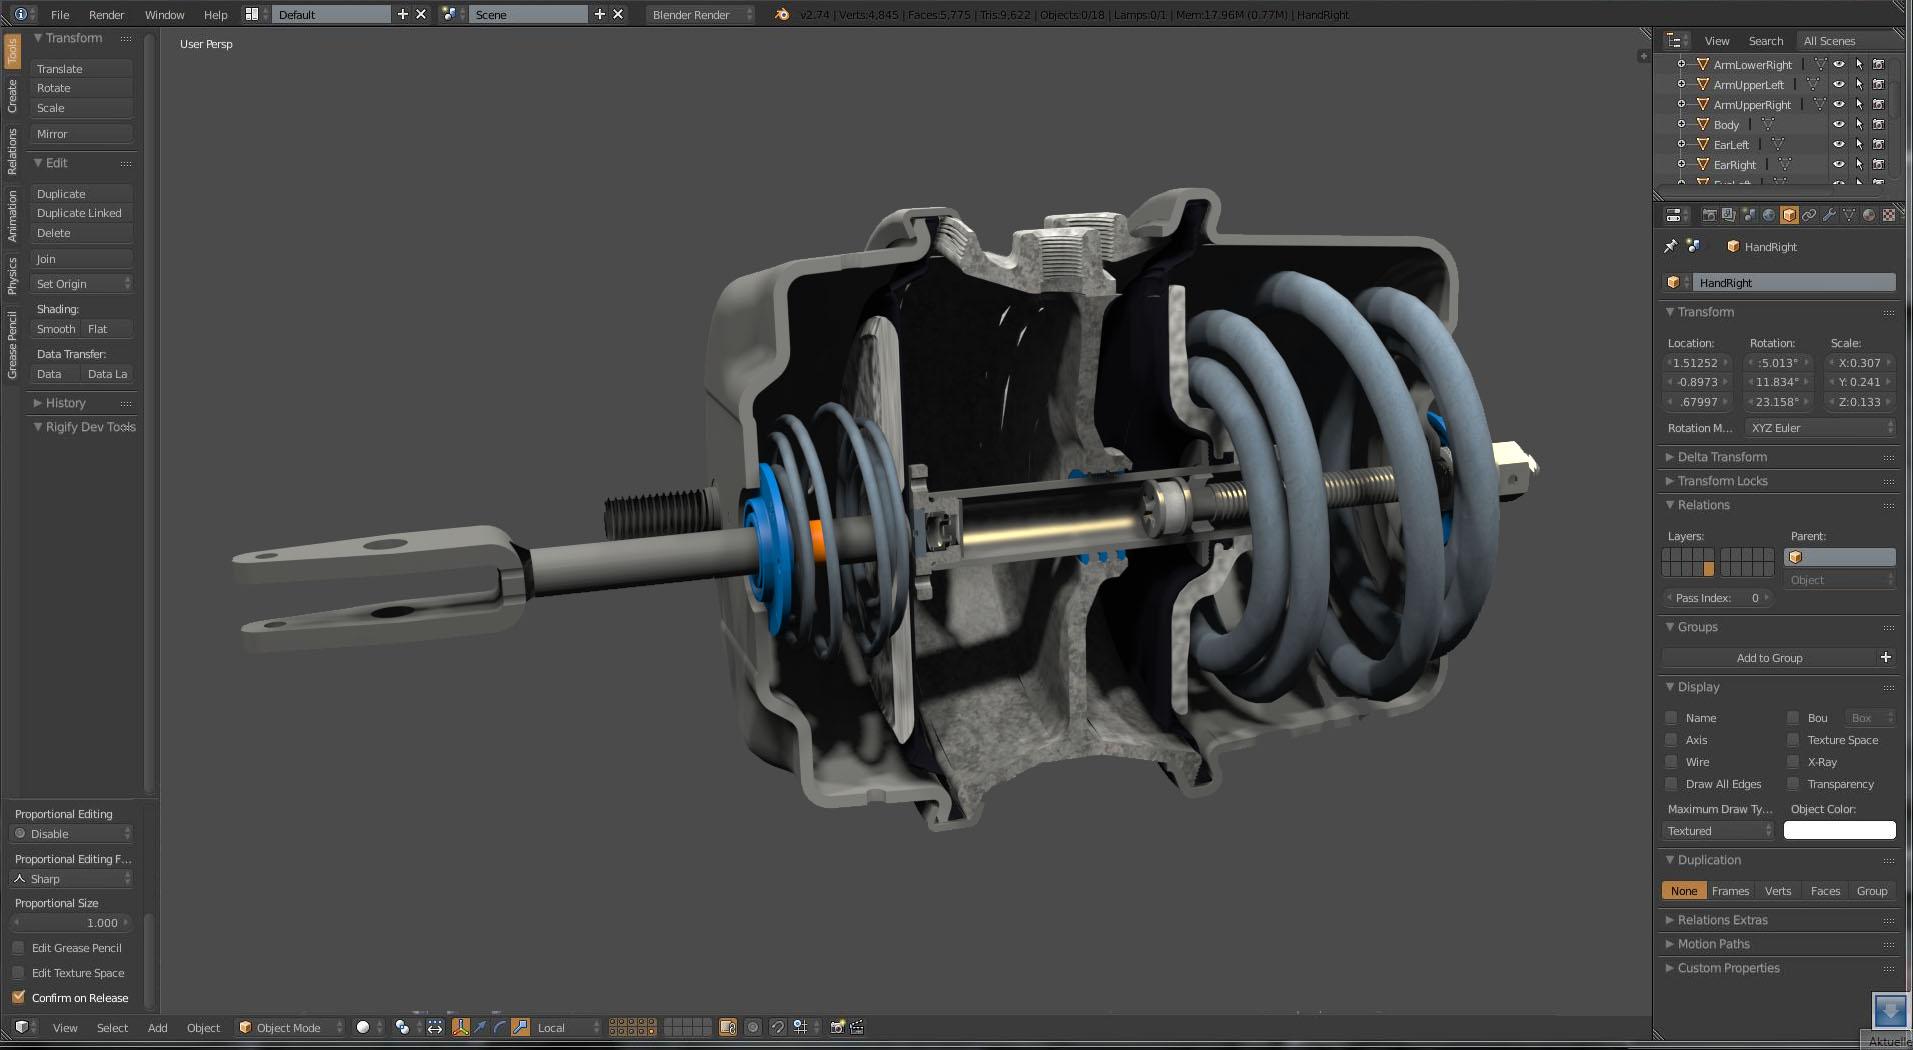 cad illustration 3D model blender game art